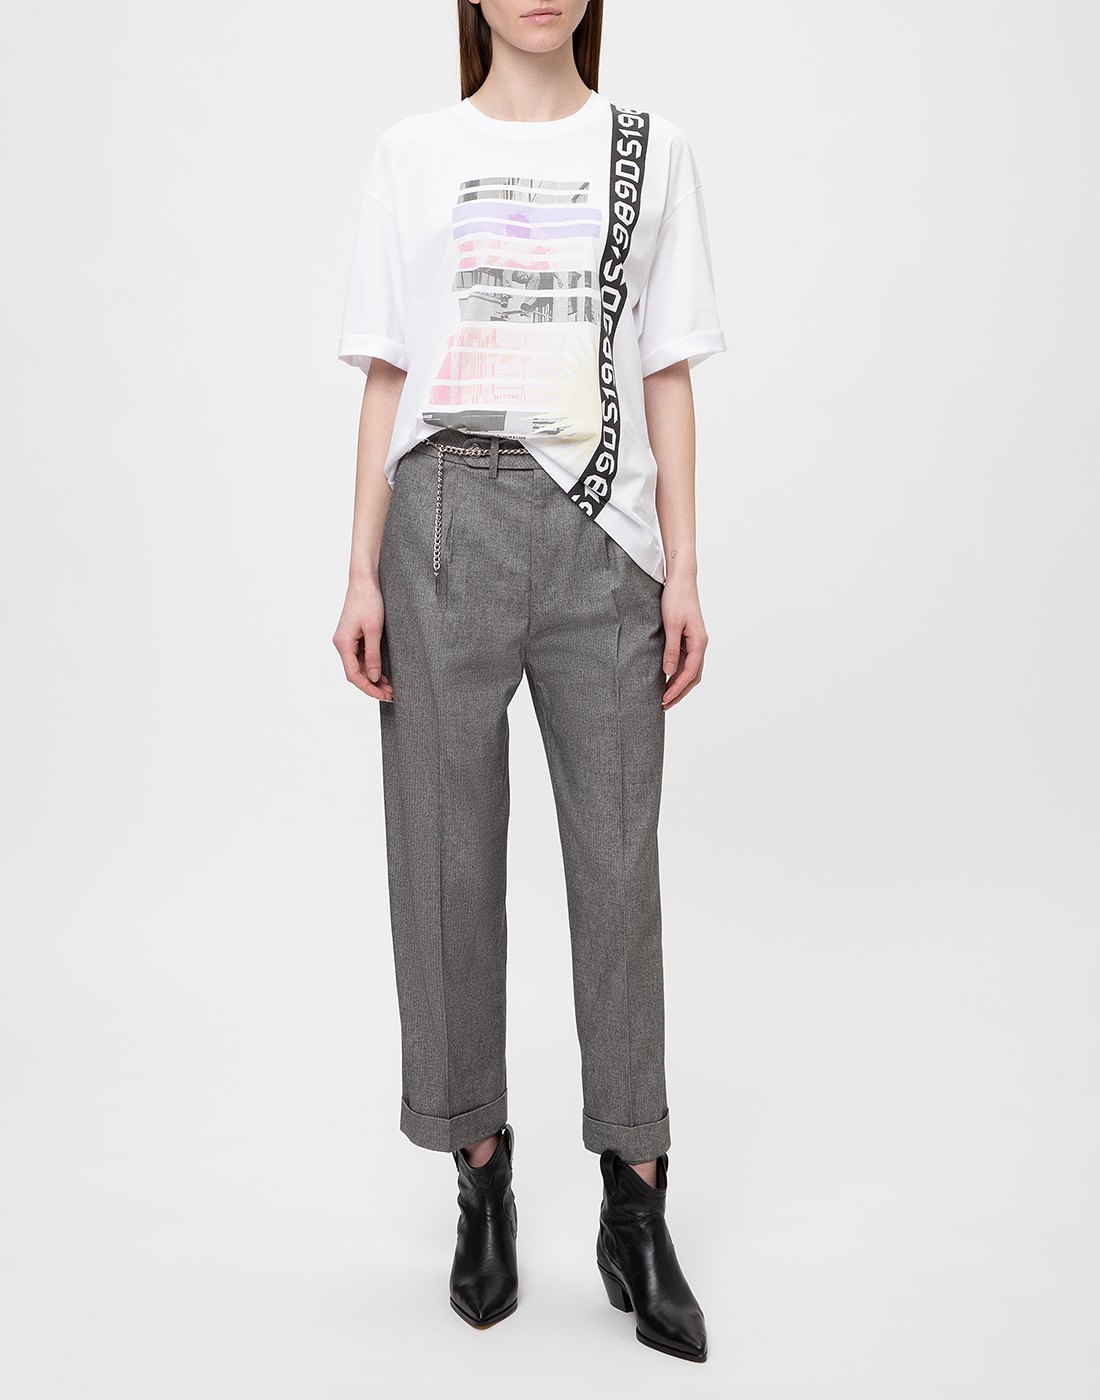 Женская белая футболка с принтом Dorothee Schumacher S623501/100-5